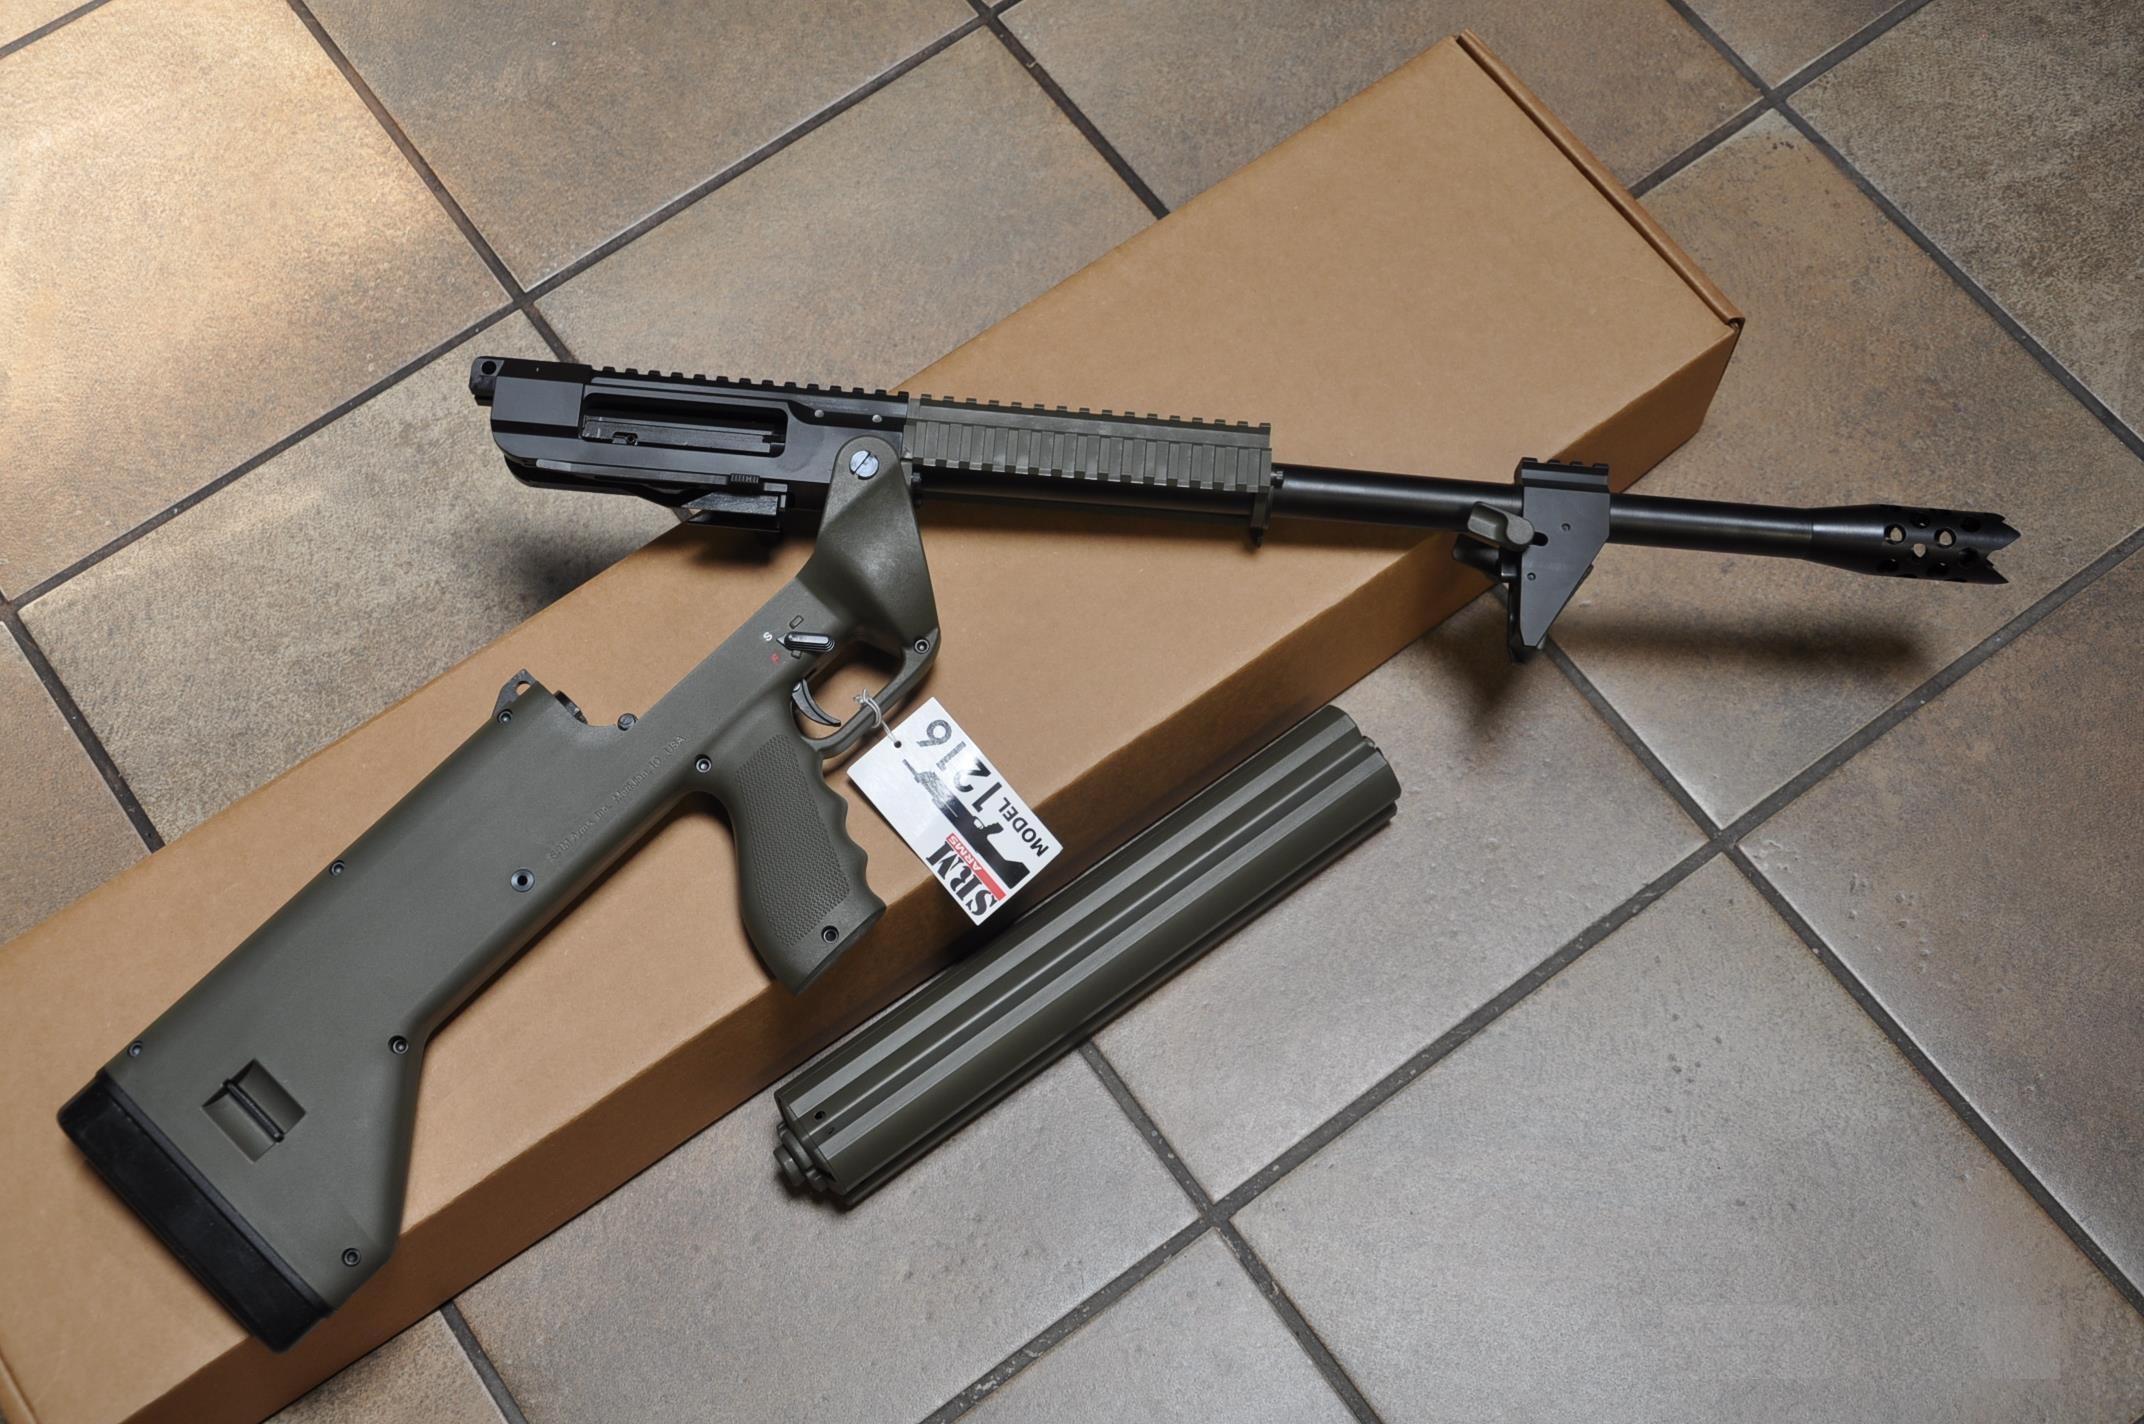 美霰弹枪配旋转弹筒 每分钟射速超百发 M1216